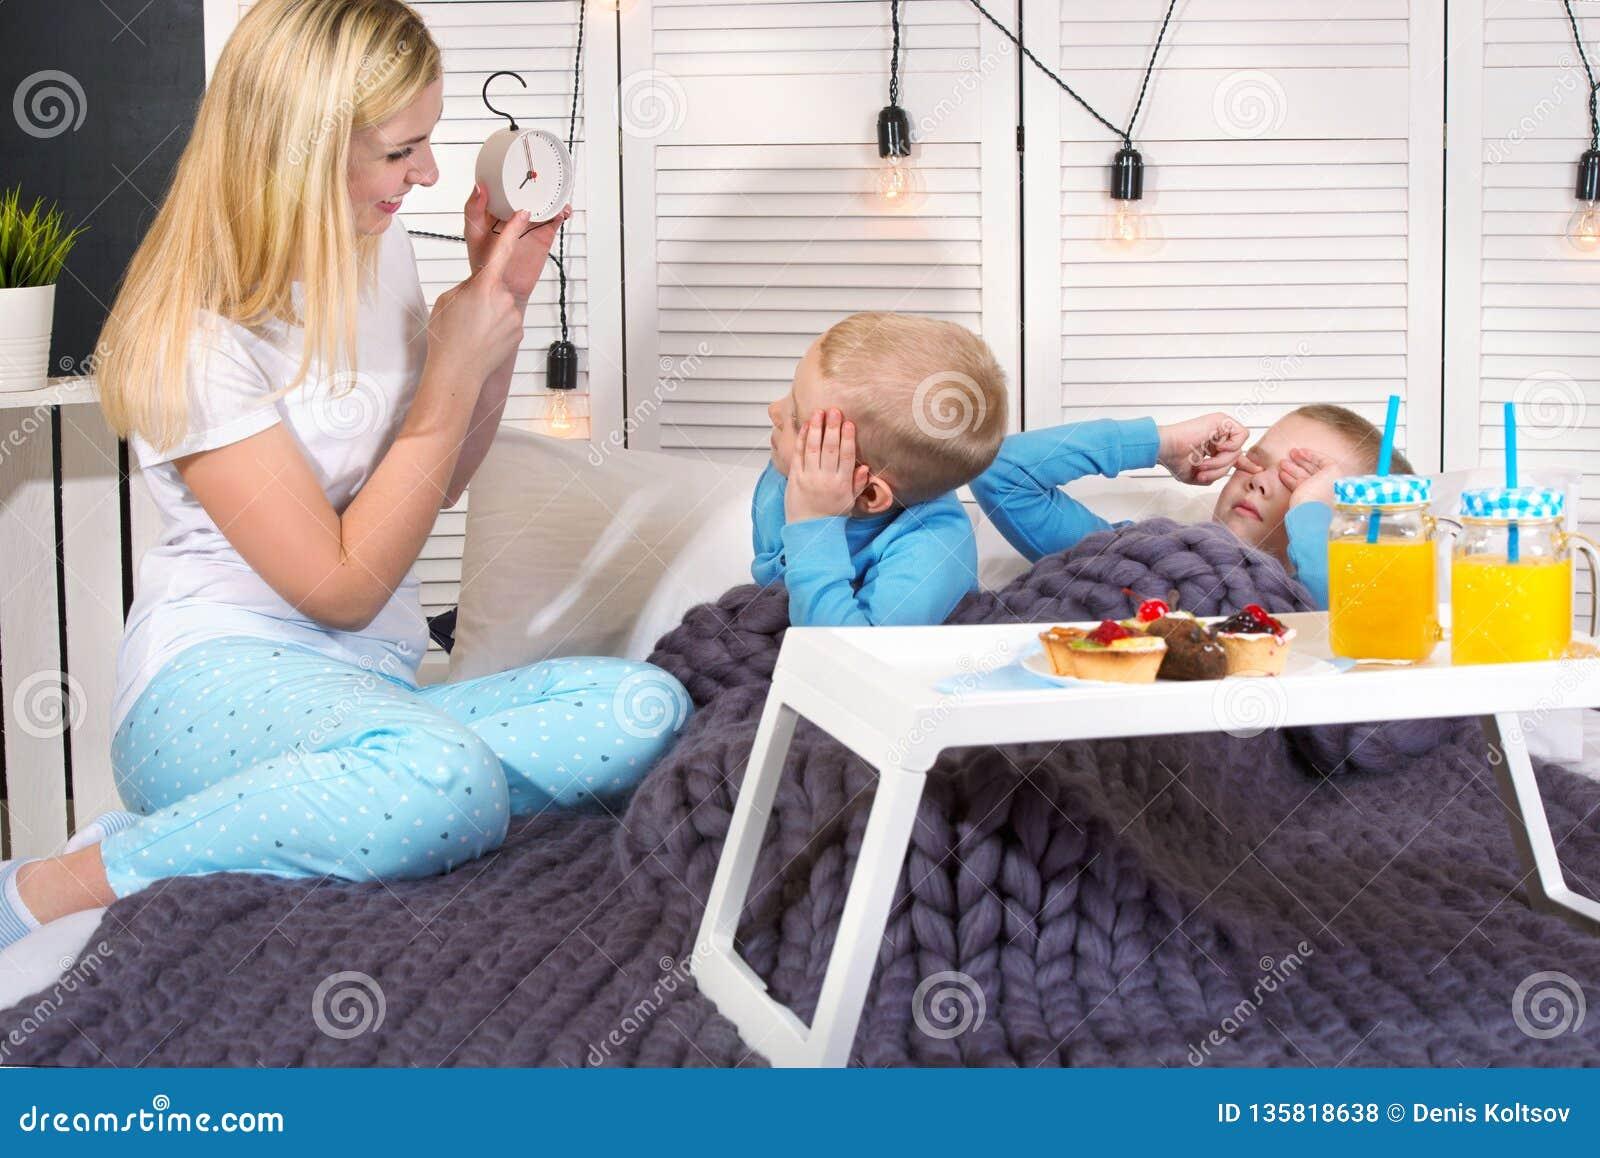 母亲叫醒她心爱的儿子 早餐在孩子的床,惊奇上